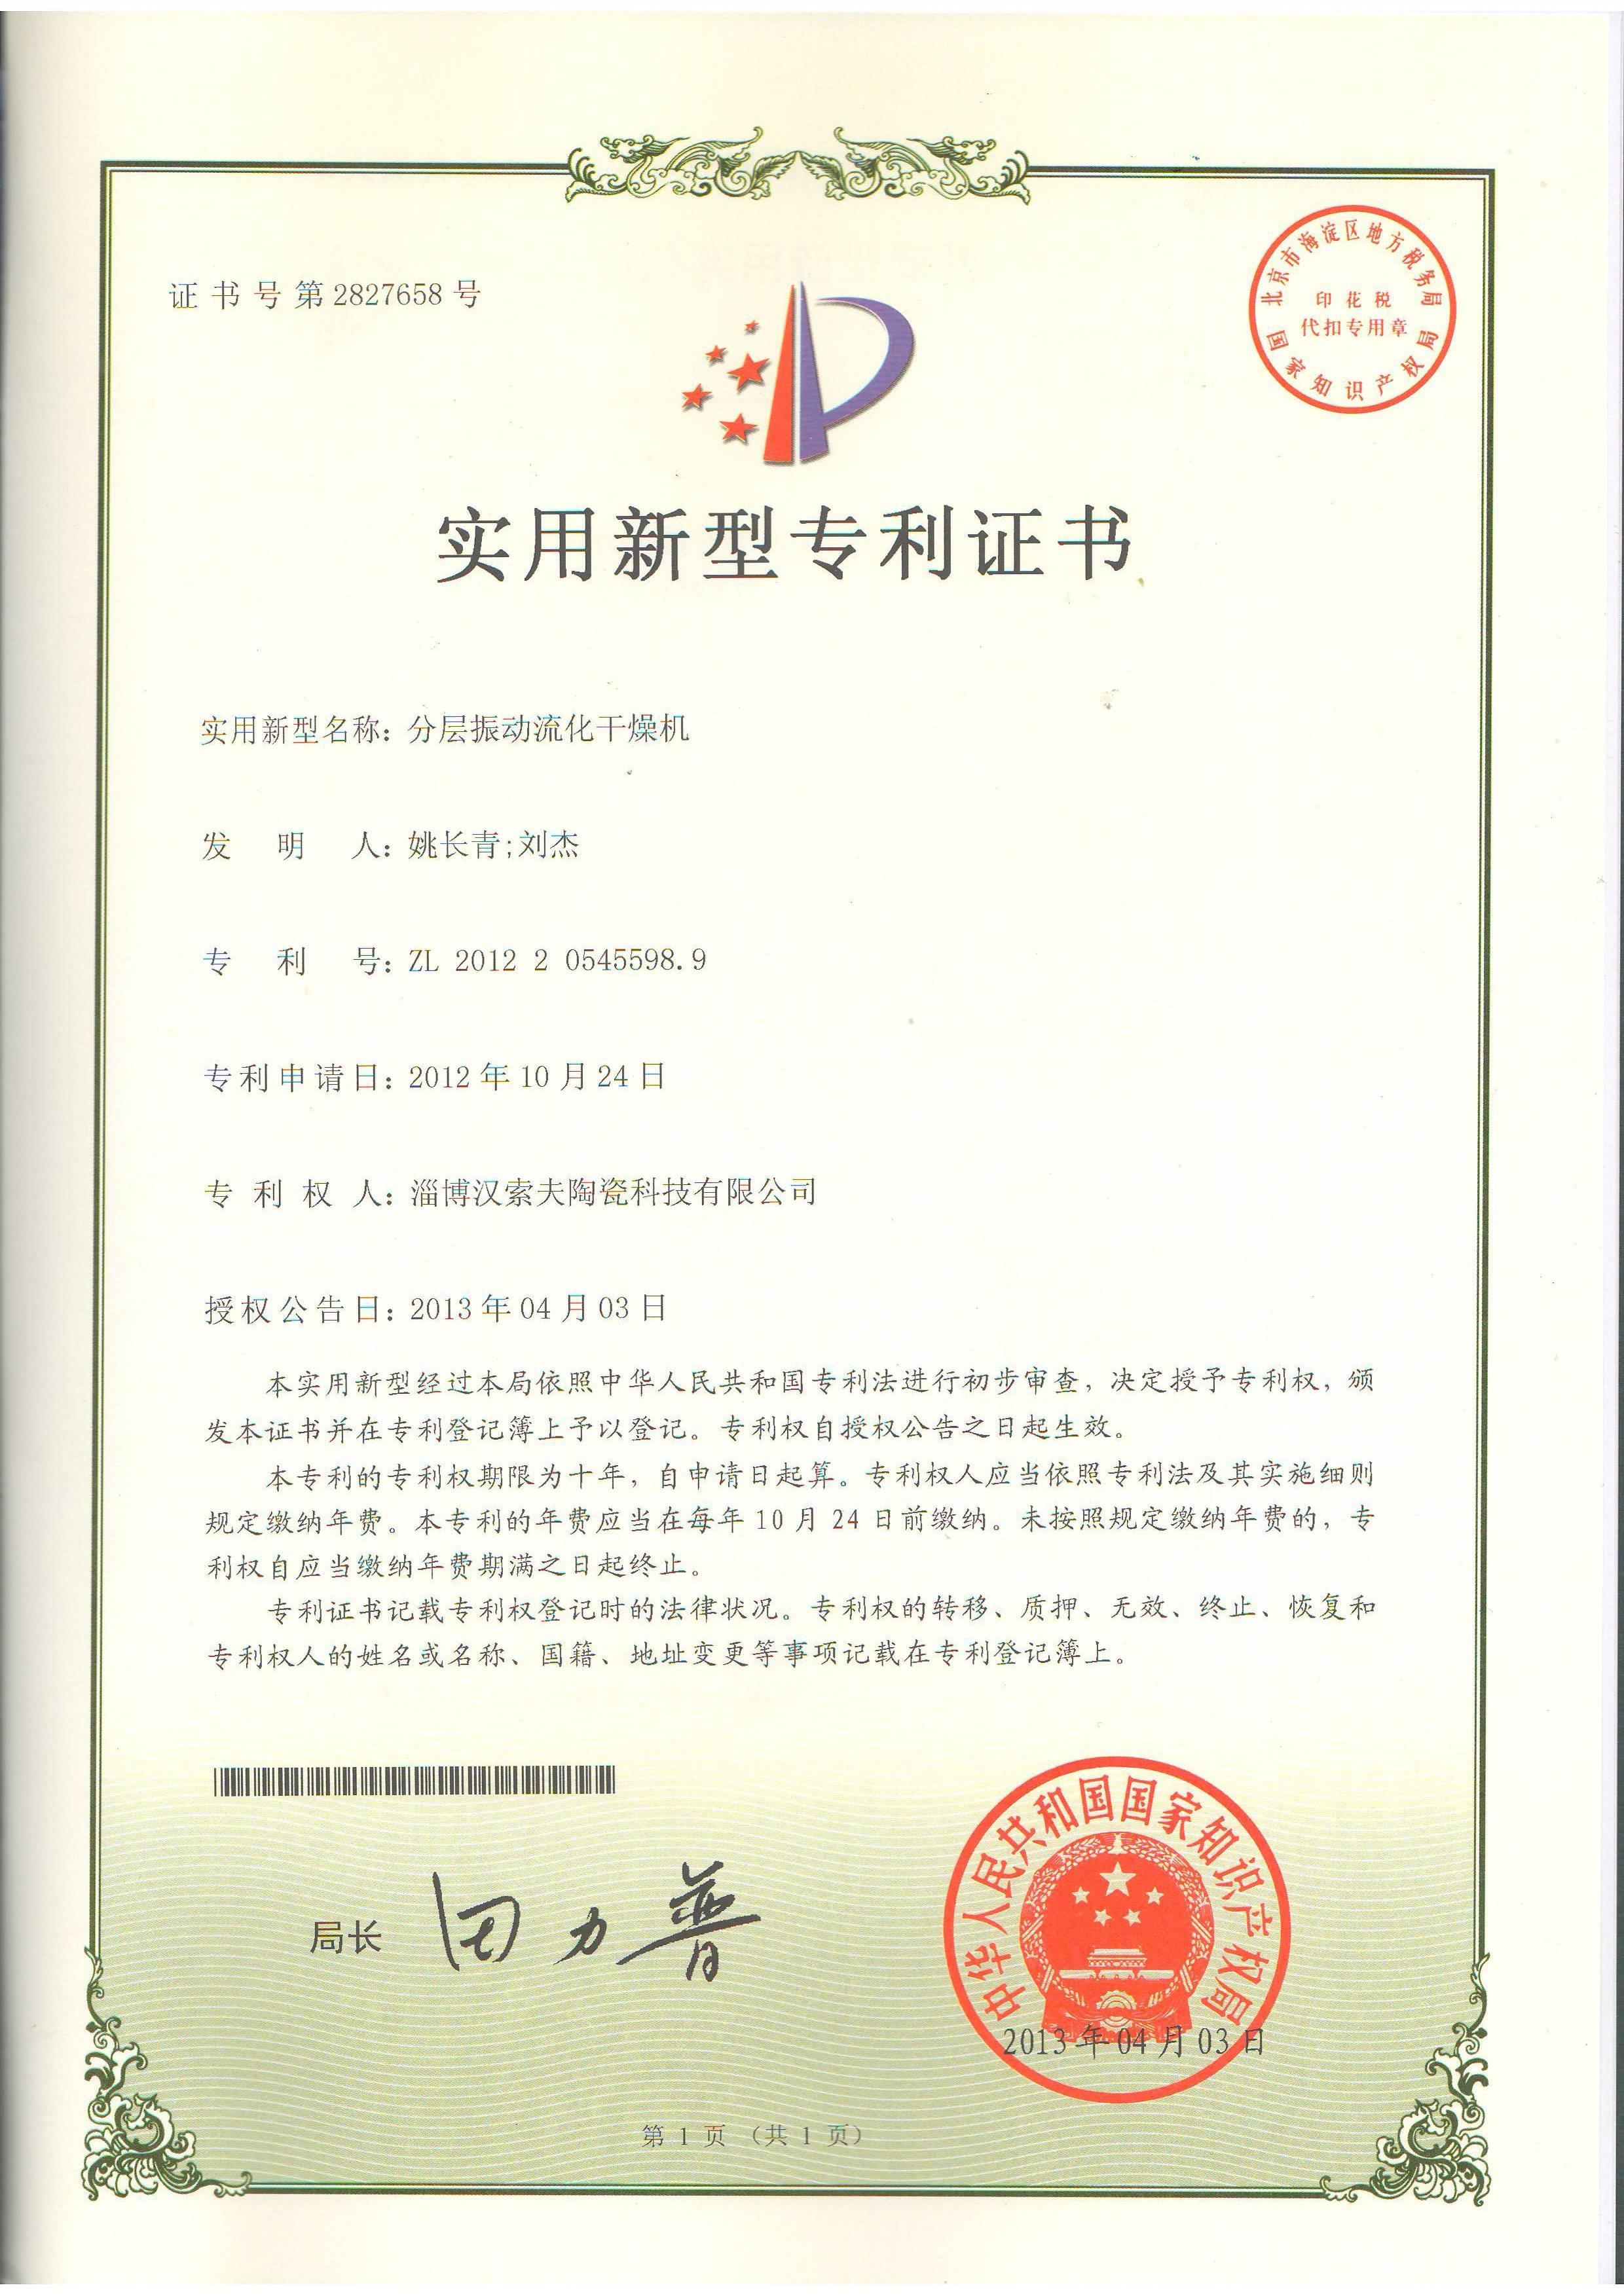 3、分层振动流化干燥机实用性专利证书.JPG